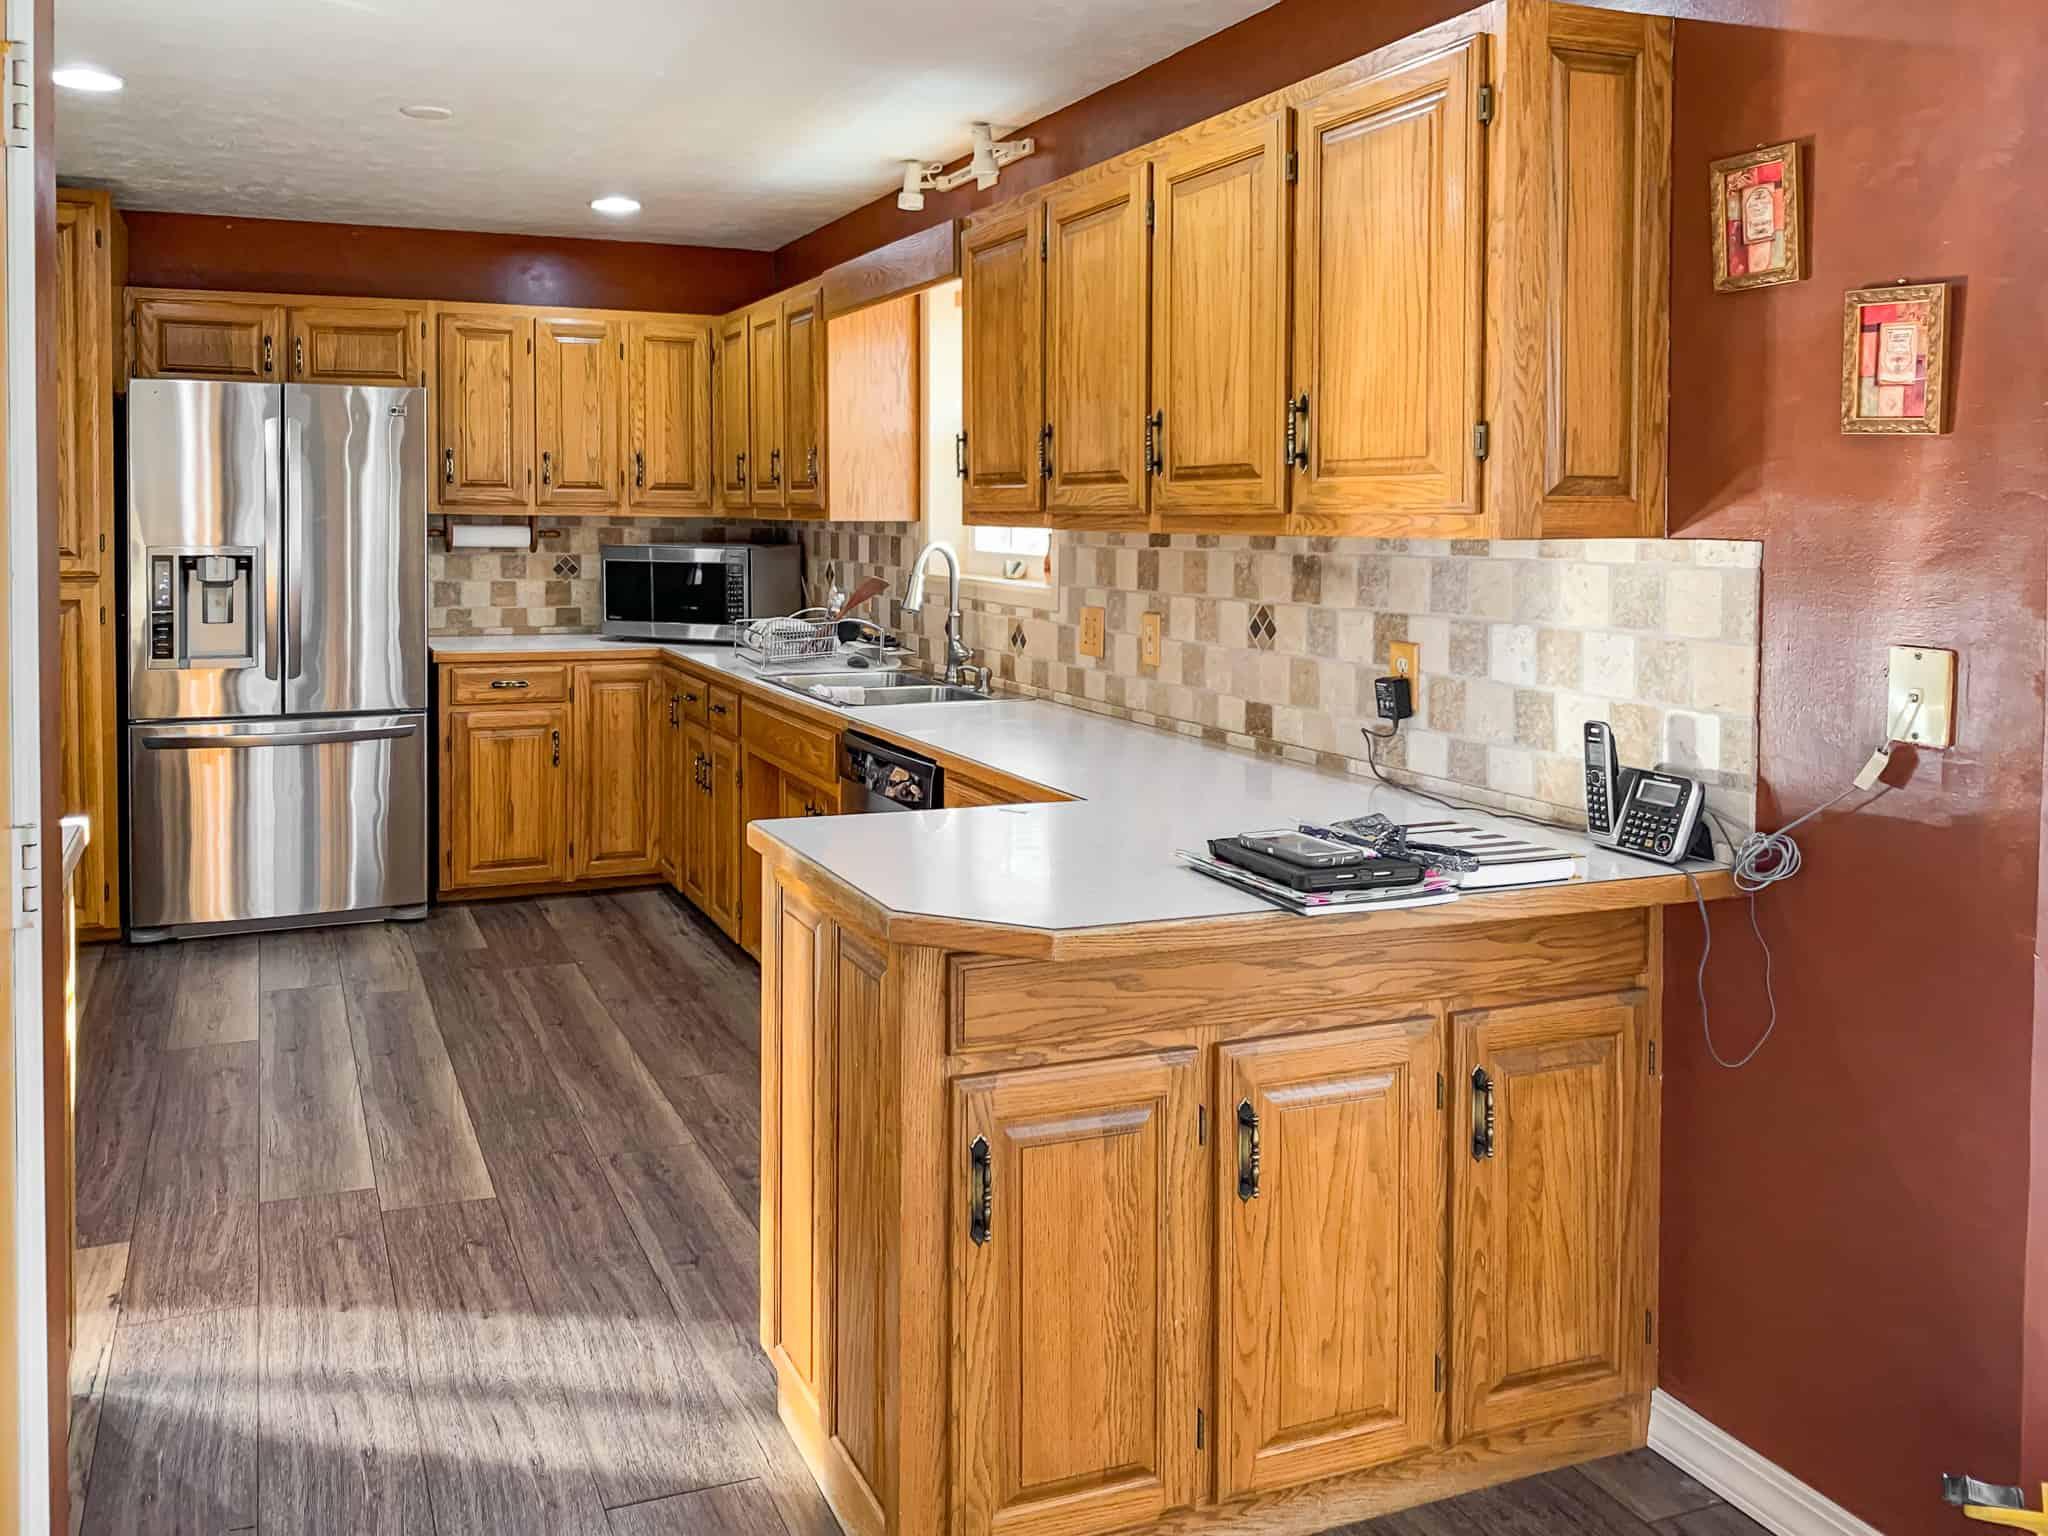 Honey oak kitchen cabinets-01 - Painted by Kayla Payne